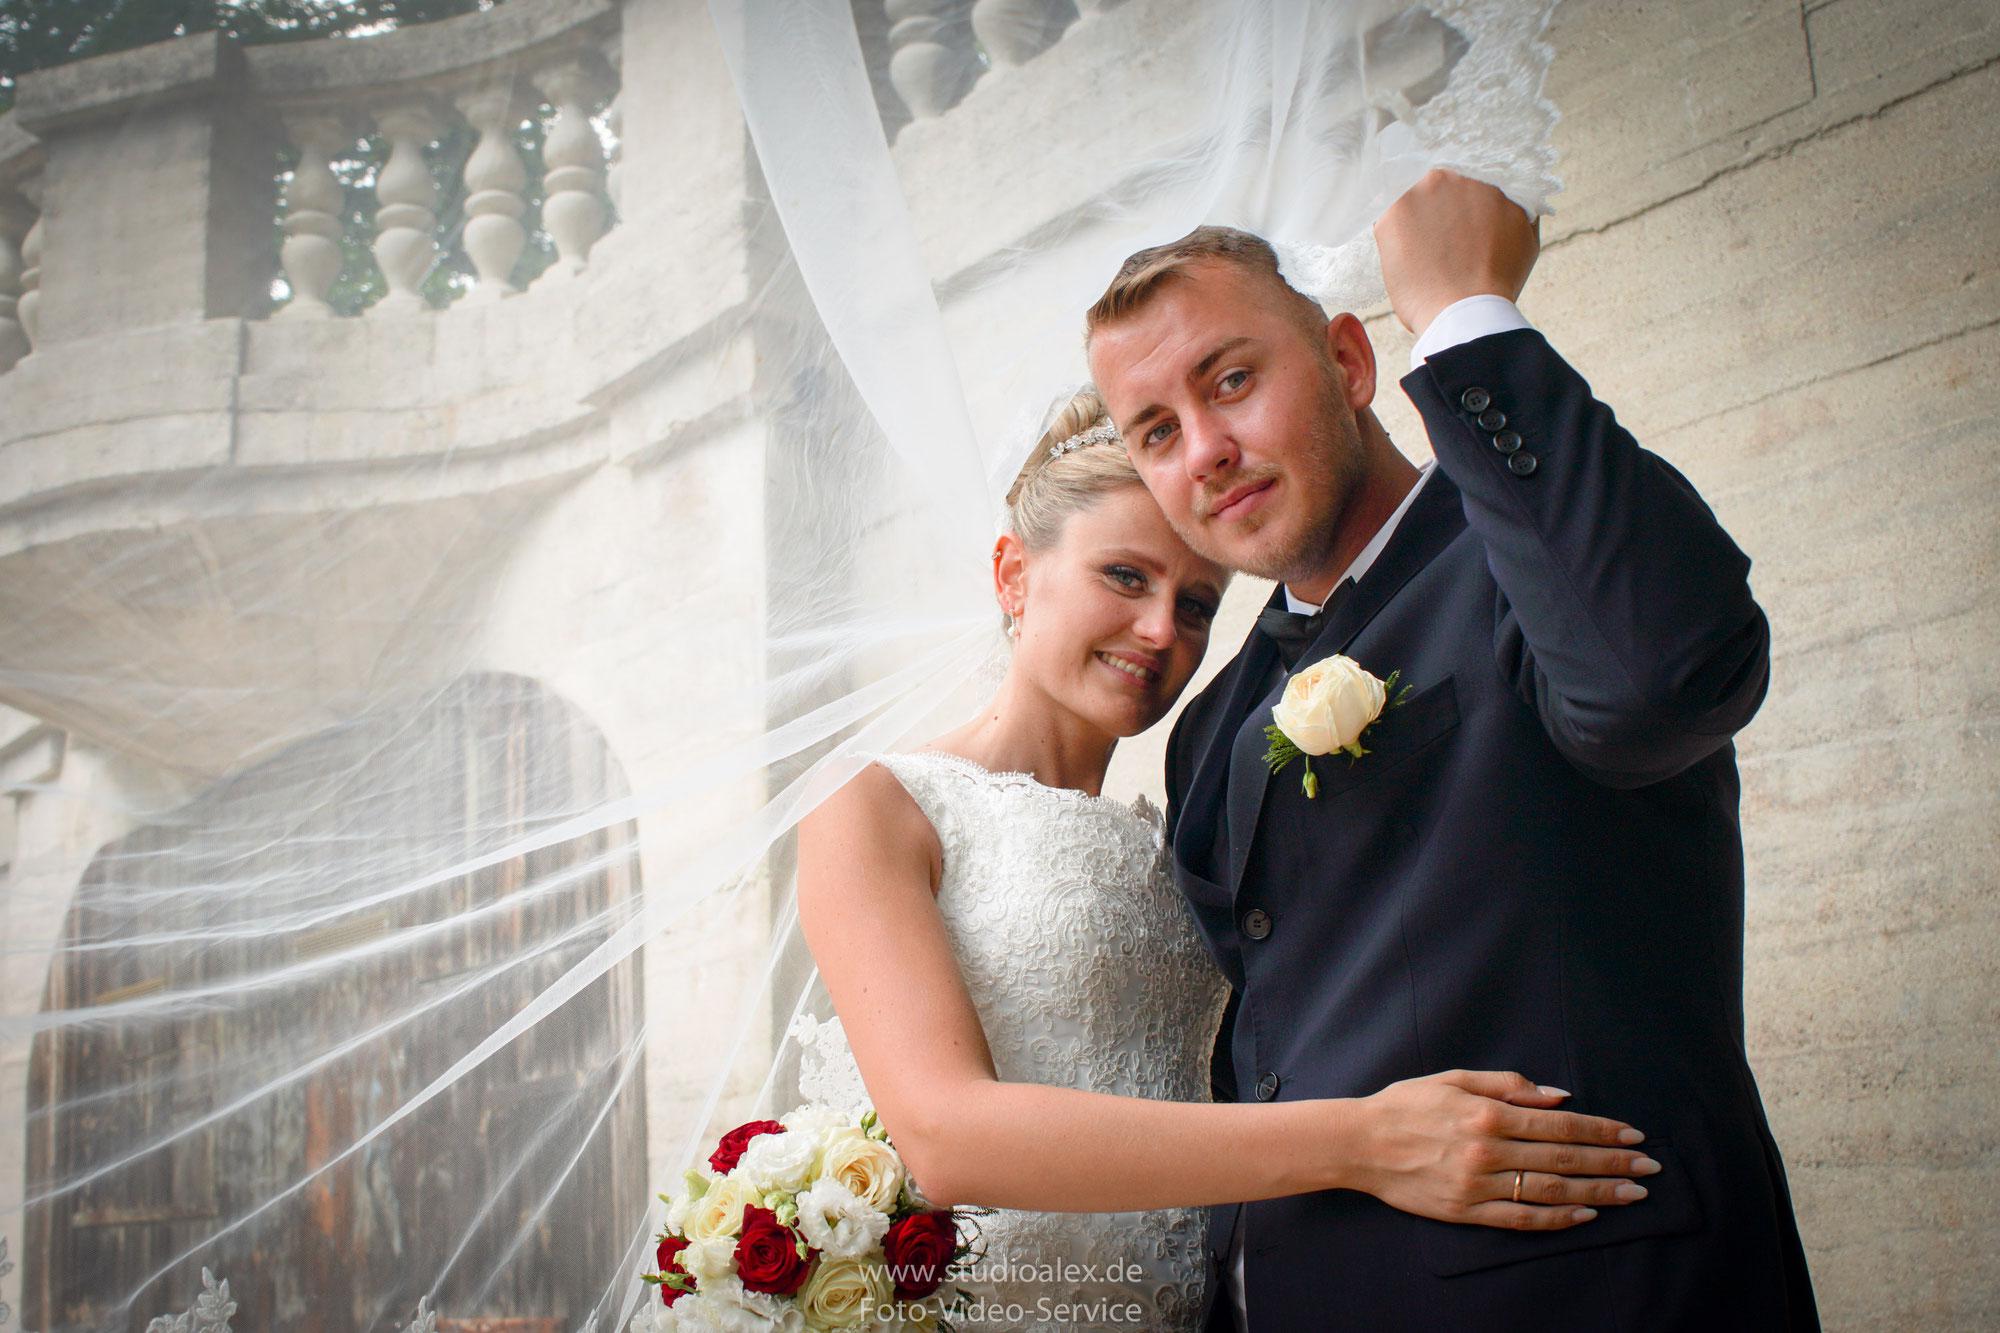 Hochzeit in Nürnberg von Regina und Eduard. Mit Hochzeitsfotograf und Videograf Alexander Dechant